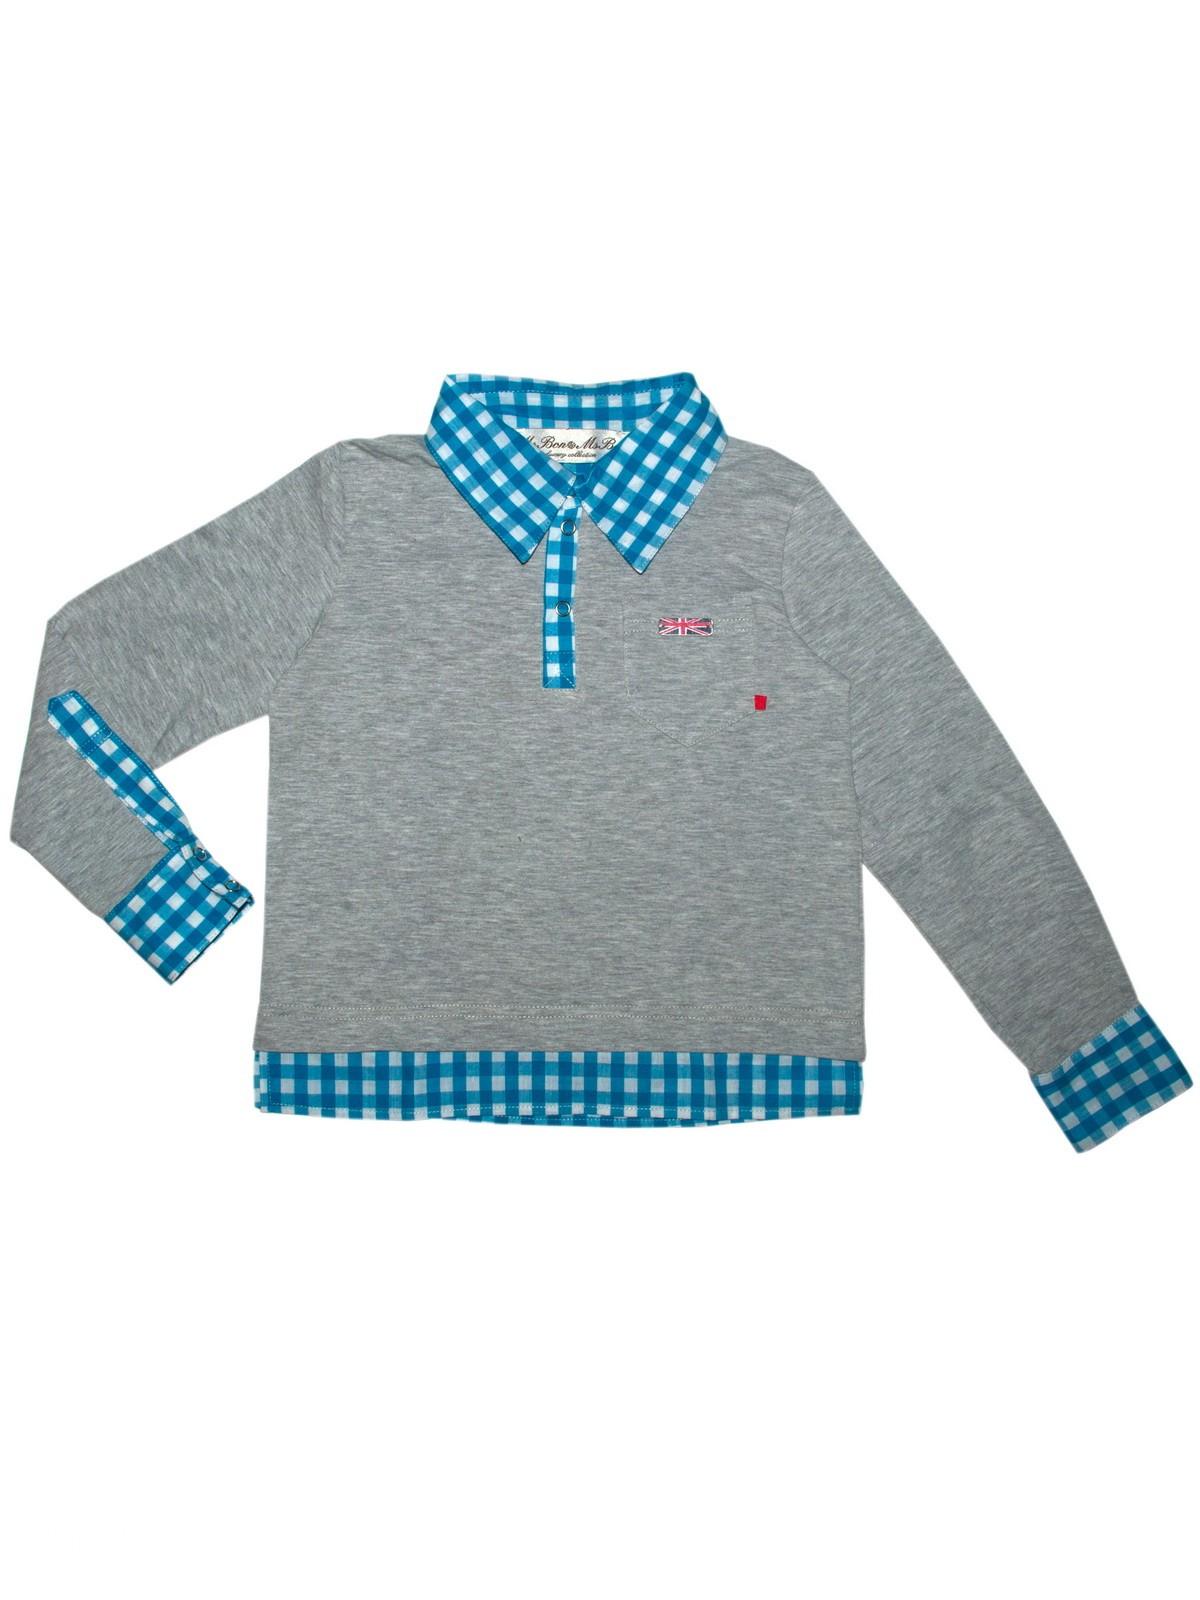 Сорочка для мальчика Bon&Bon р.92 98 цв.серый,